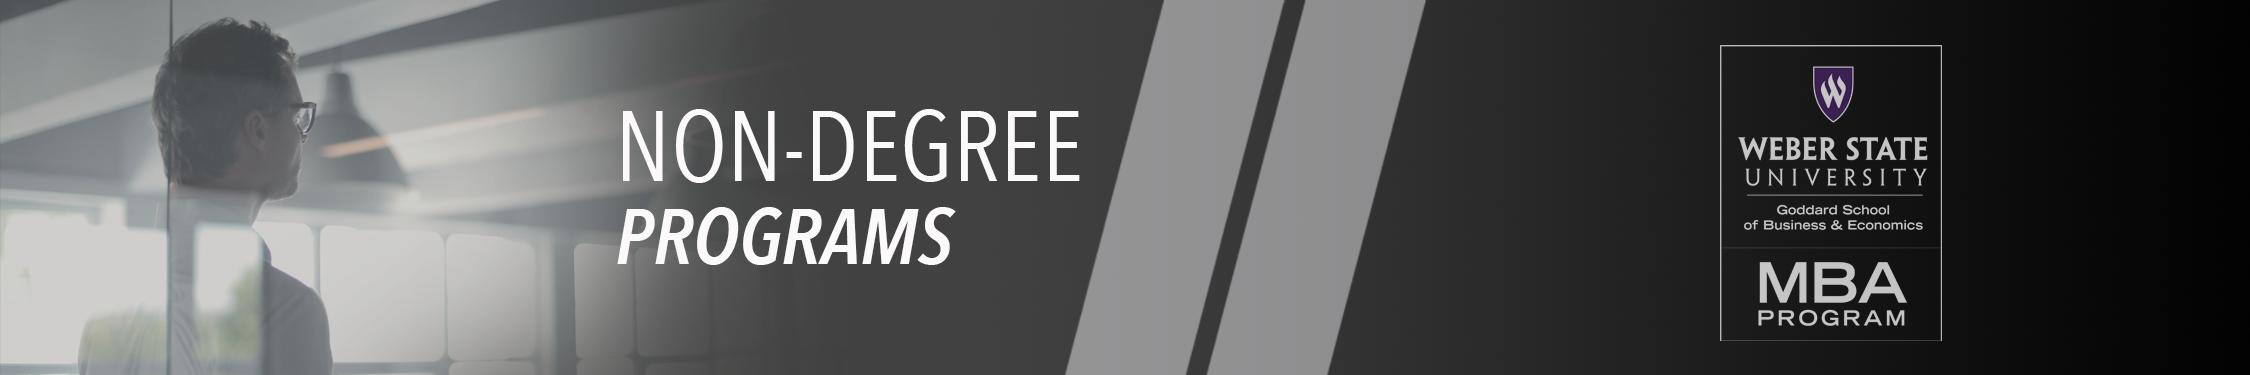 MBA Non-Degree Programs